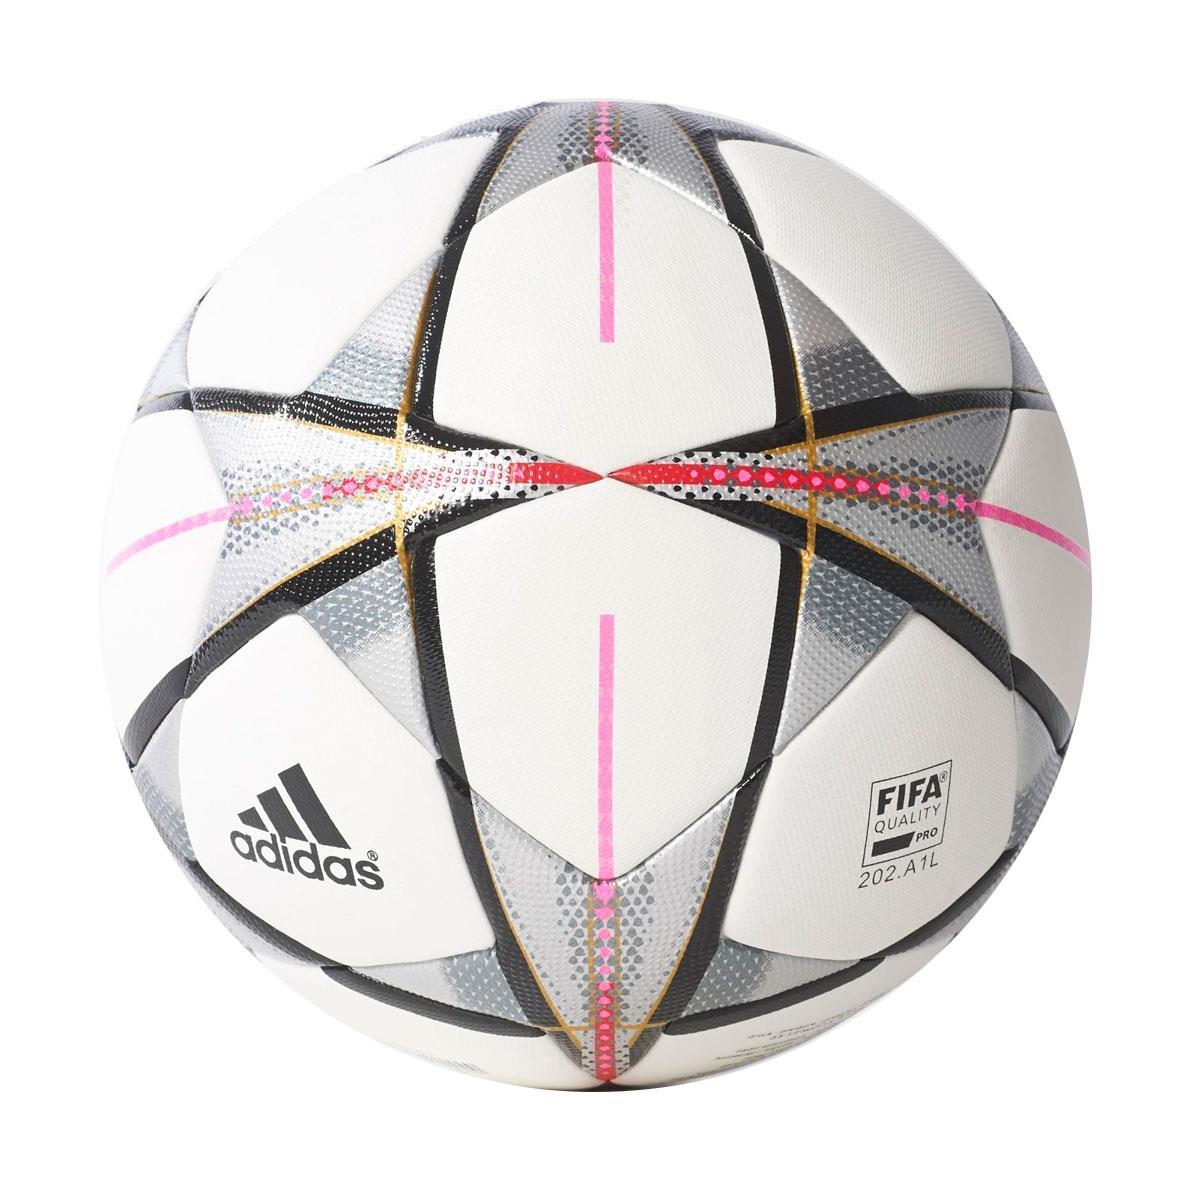 39dd06056 Bola Adidas Final Champions League 2016